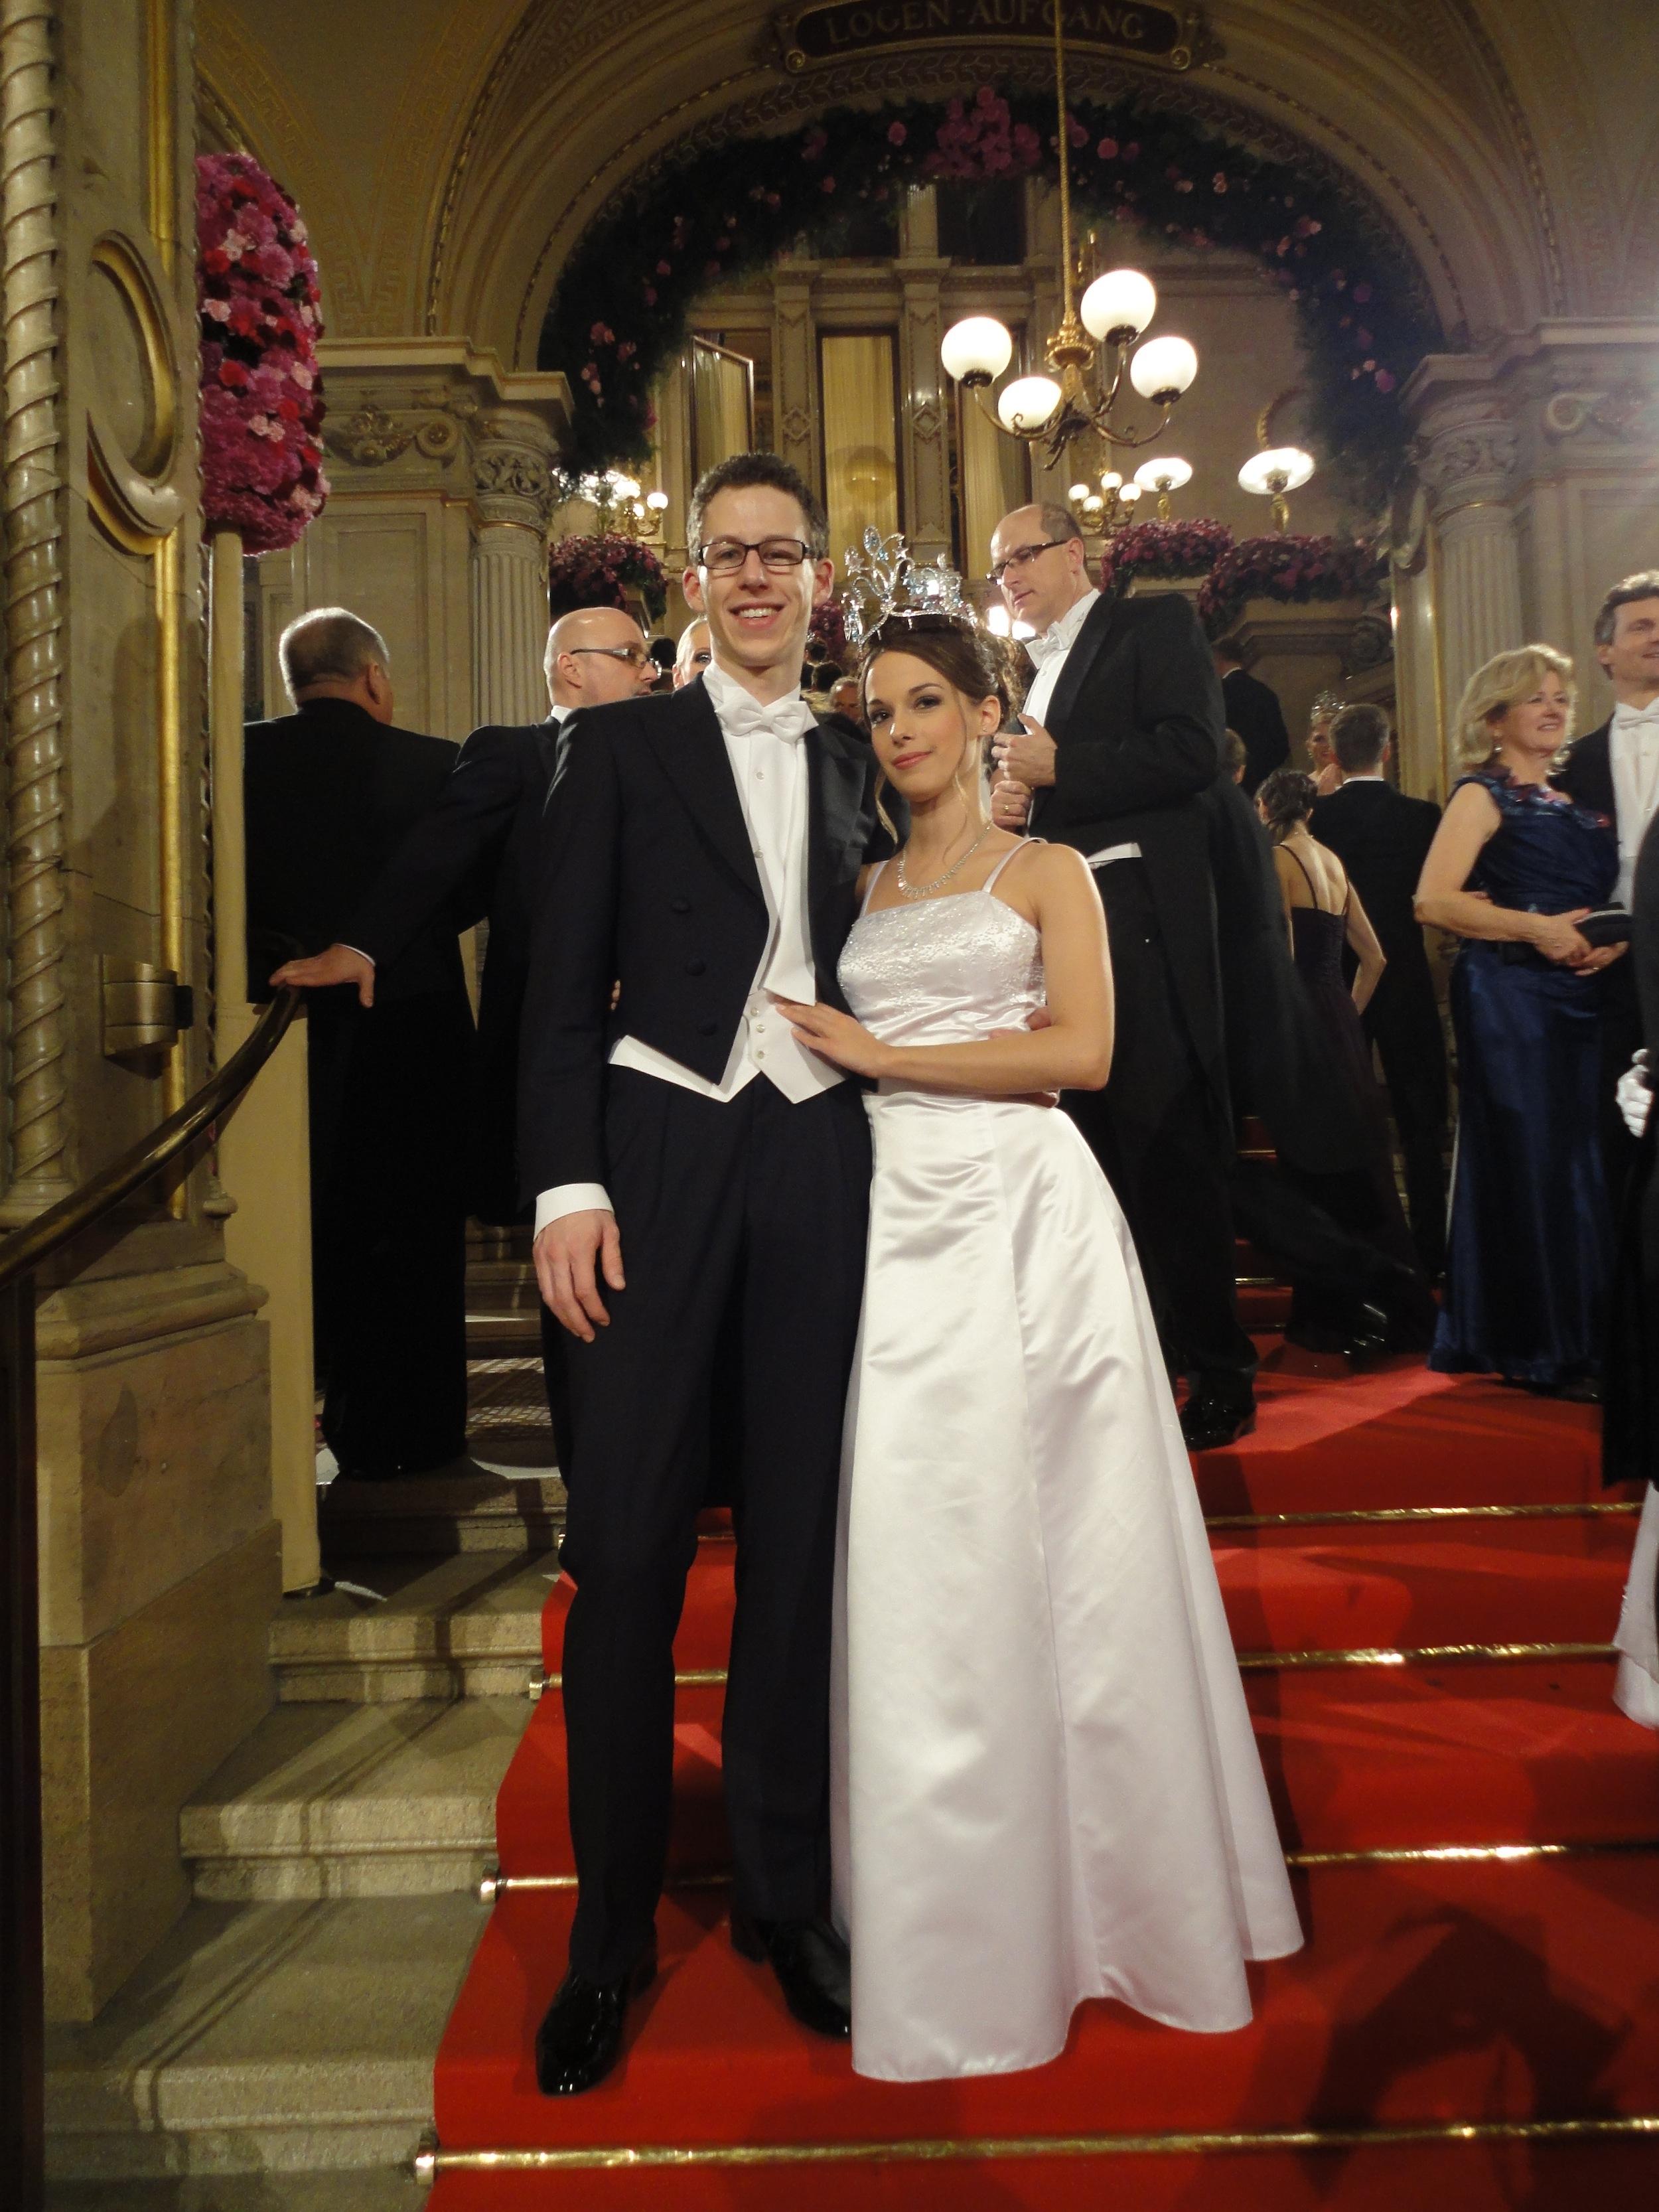 Debütantin Cornelia Pech mit ihrem Tanzpartner - Opernball 2013